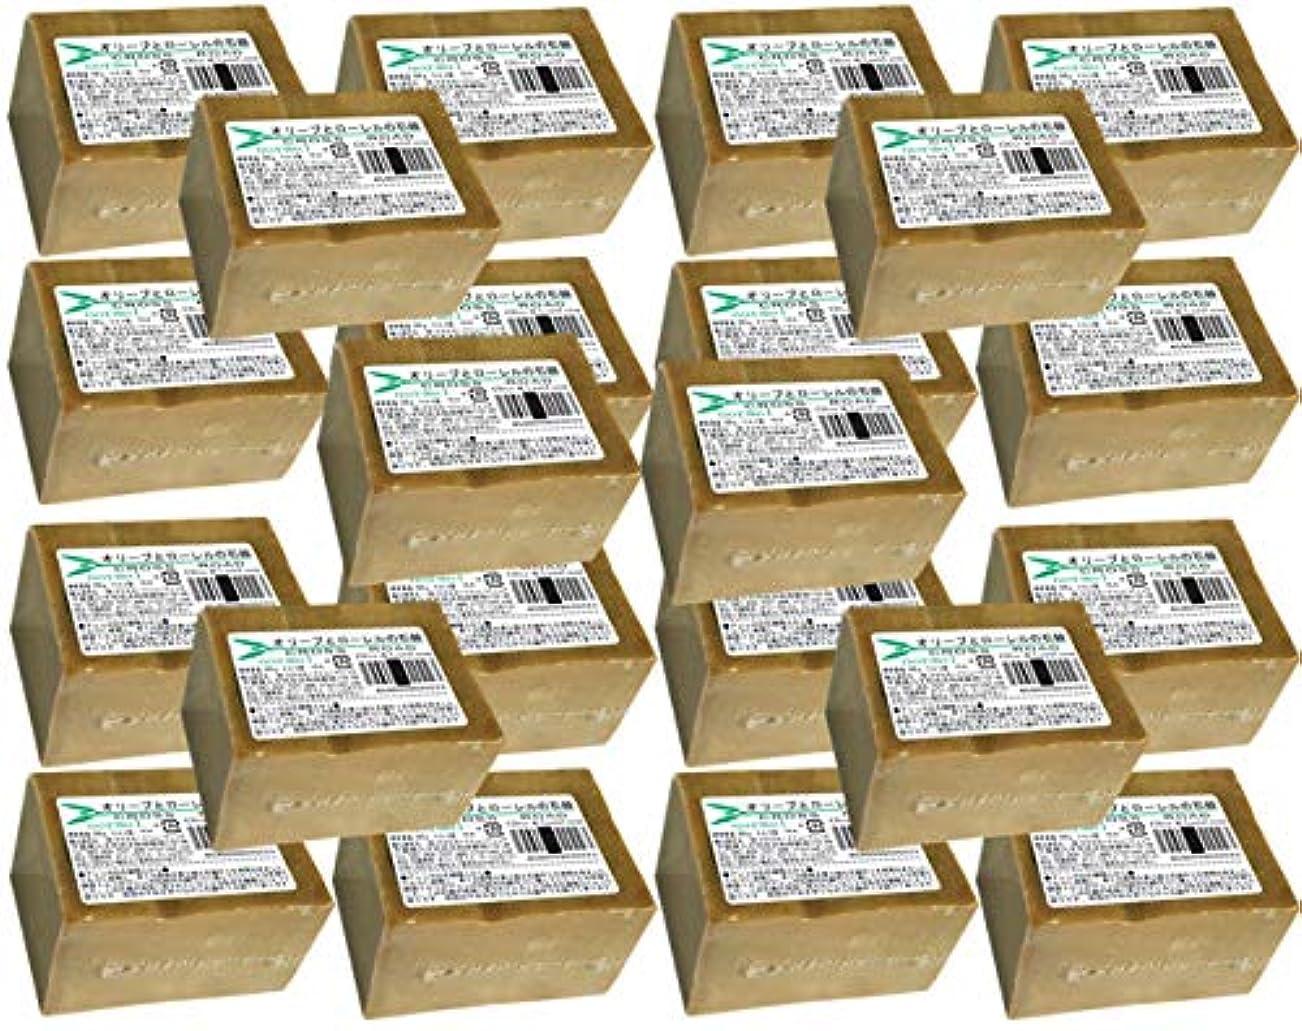 配管工選択する叱るオリーブとローレルの石鹸(ノーマル)22個セット[並行輸入品]